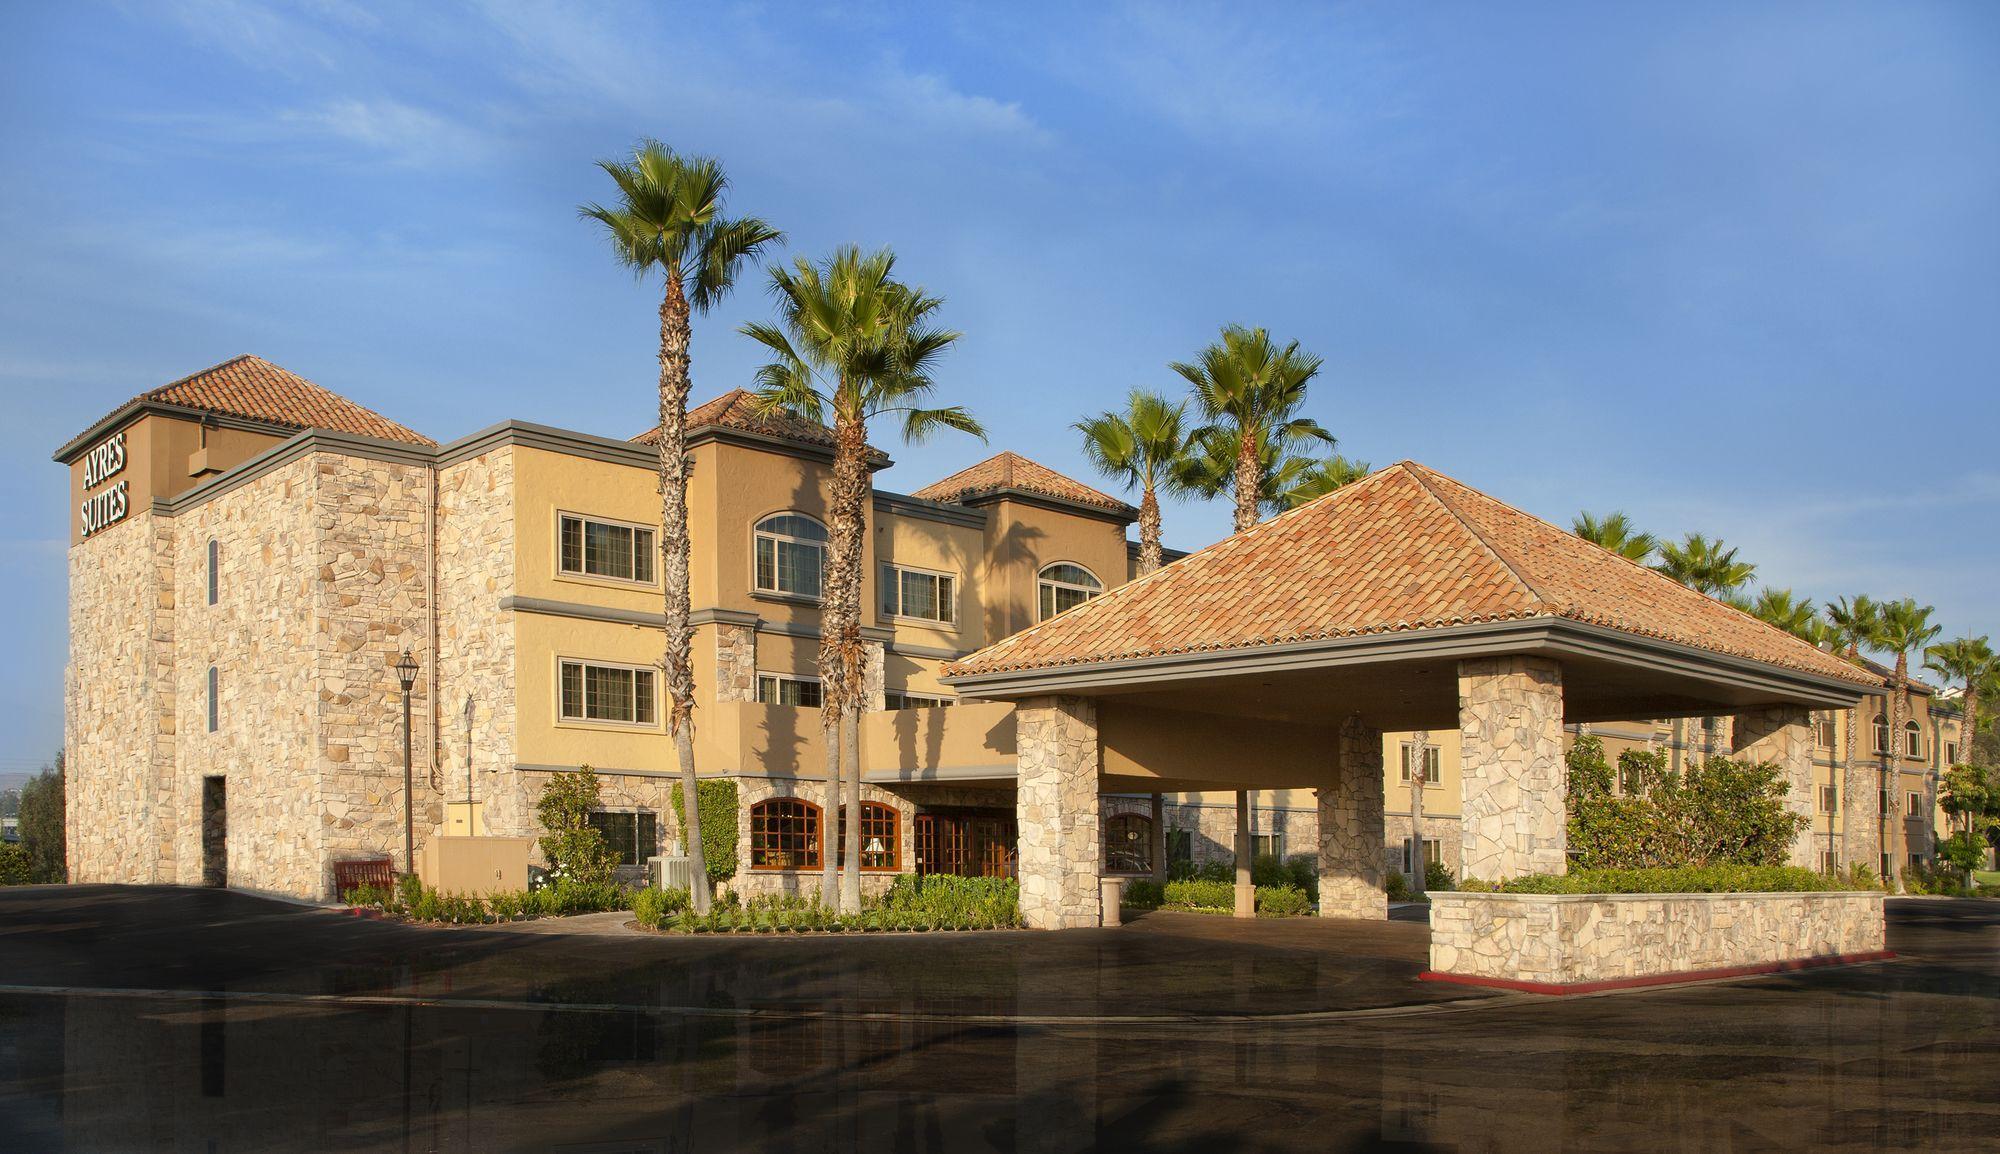 Hotel en Estados Unidos Ayres Suites Diamond Bar